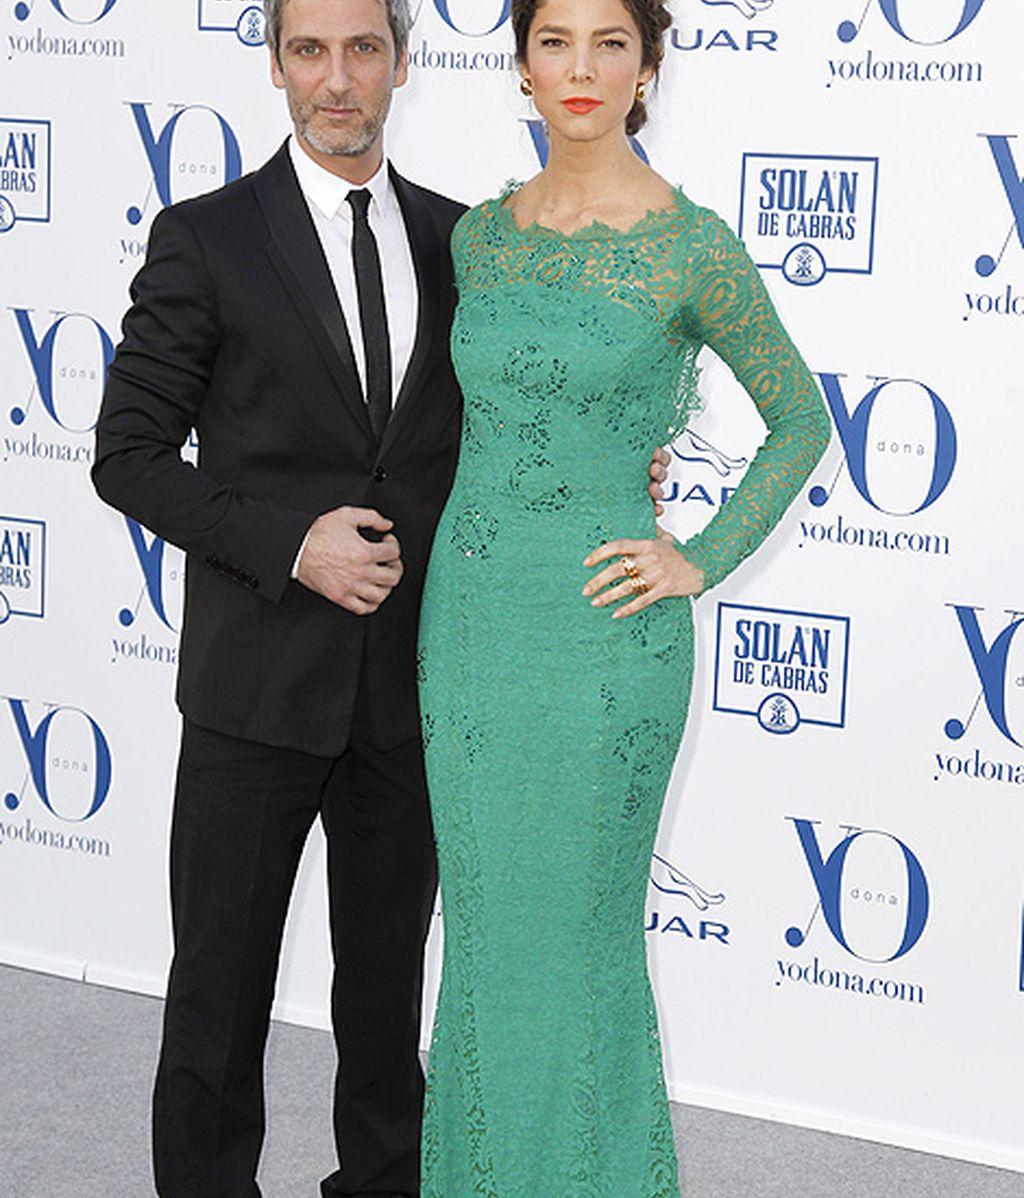 Juana Acosta y Ernesto Alterio, una de las parejas más elegantes de la noche